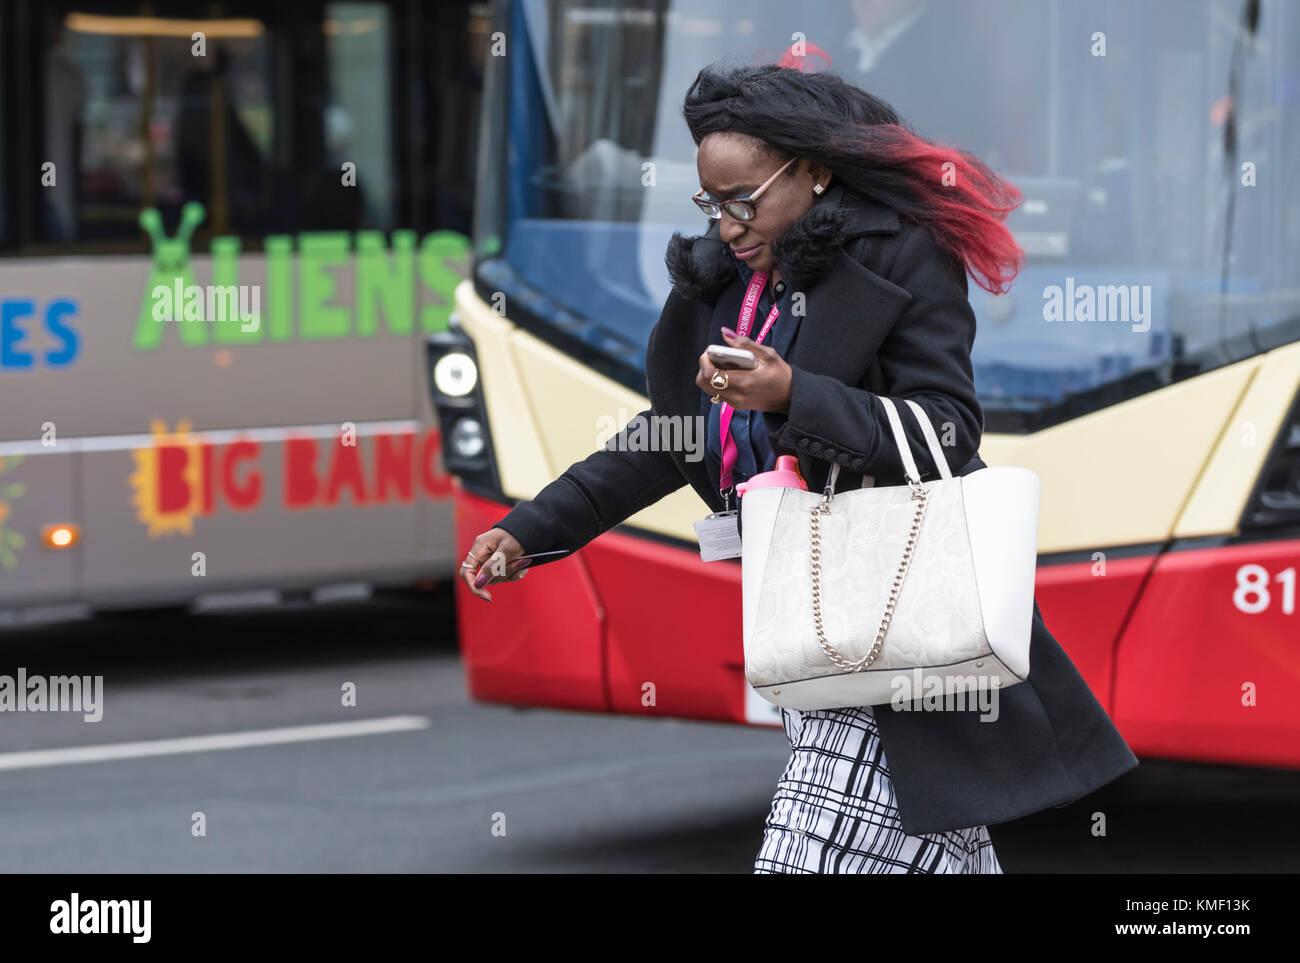 Femme noire smartly dressed transportant un sac à main chic, marche rapidement en toute confiance dans le Royaume Photo Stock